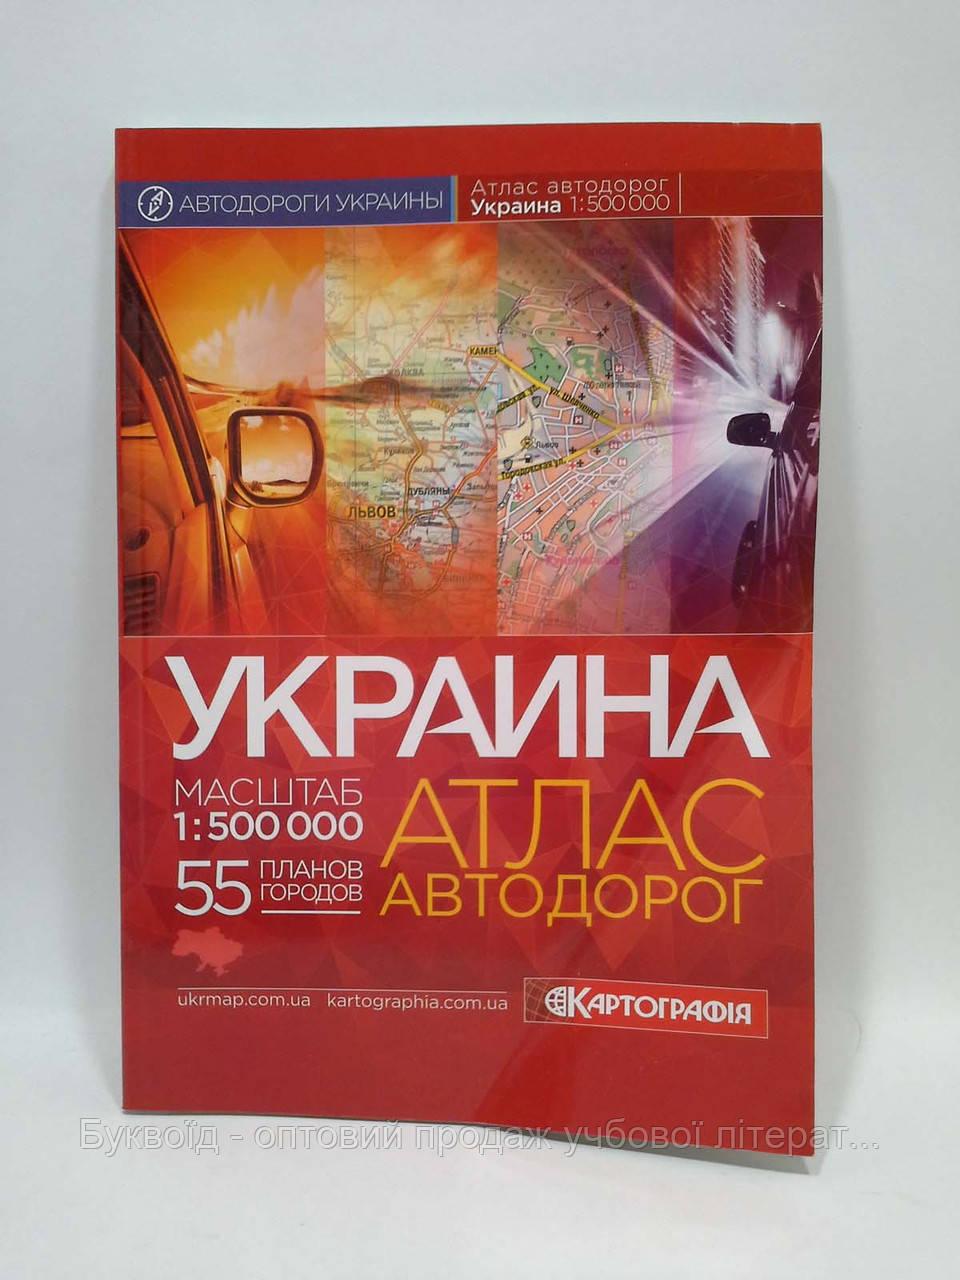 Авто Україна РУС 1:500 000 мягк +55 ПМ Атлас автодорог Авто Украина